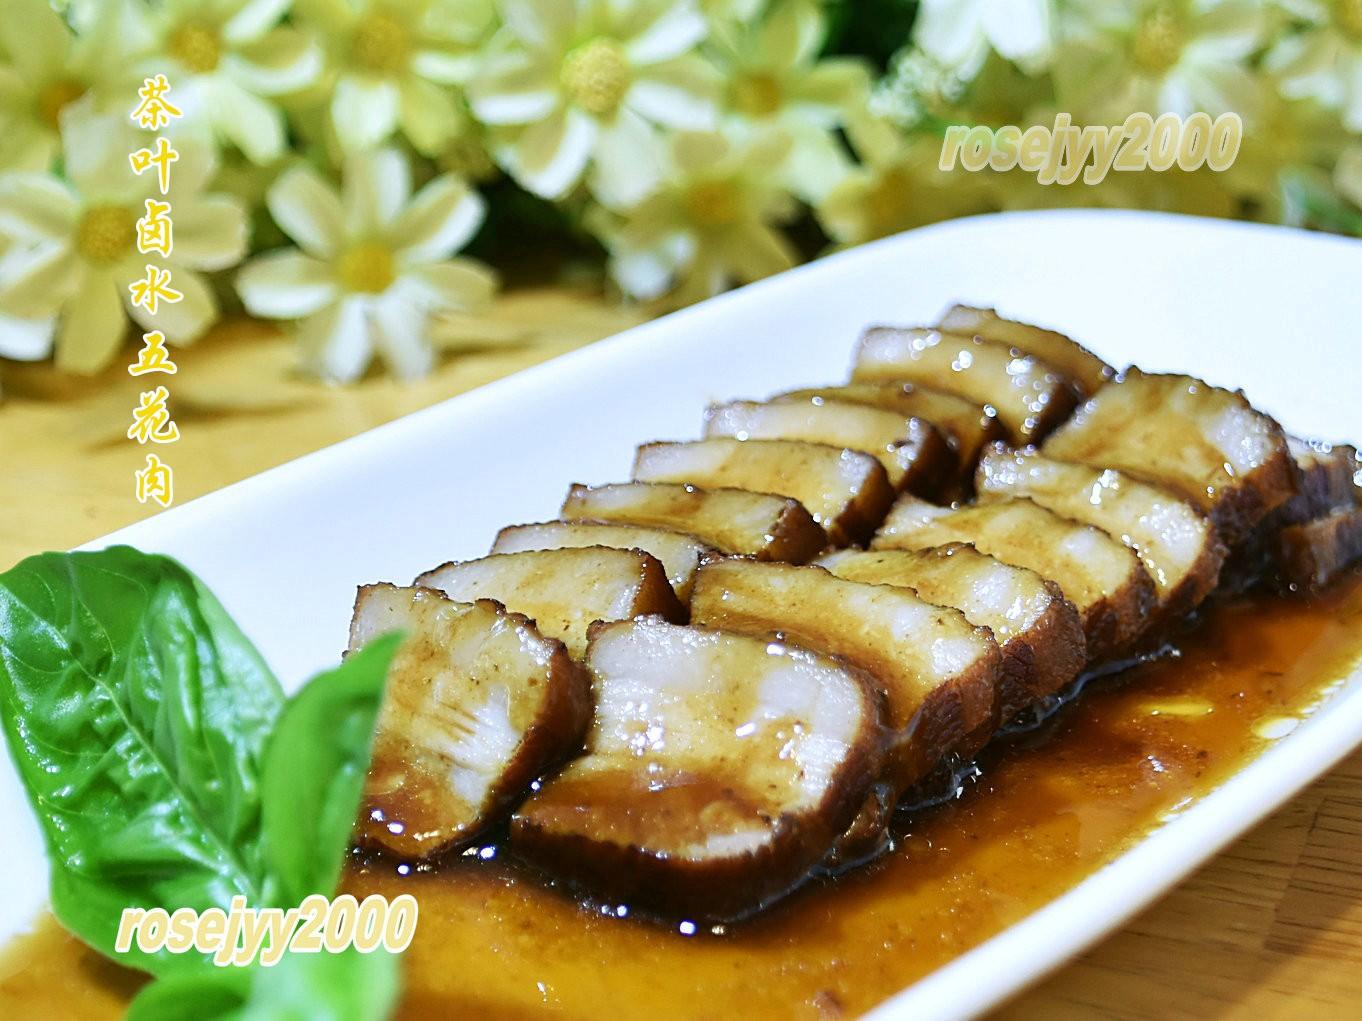 茶叶卤水五花肉_图1-4